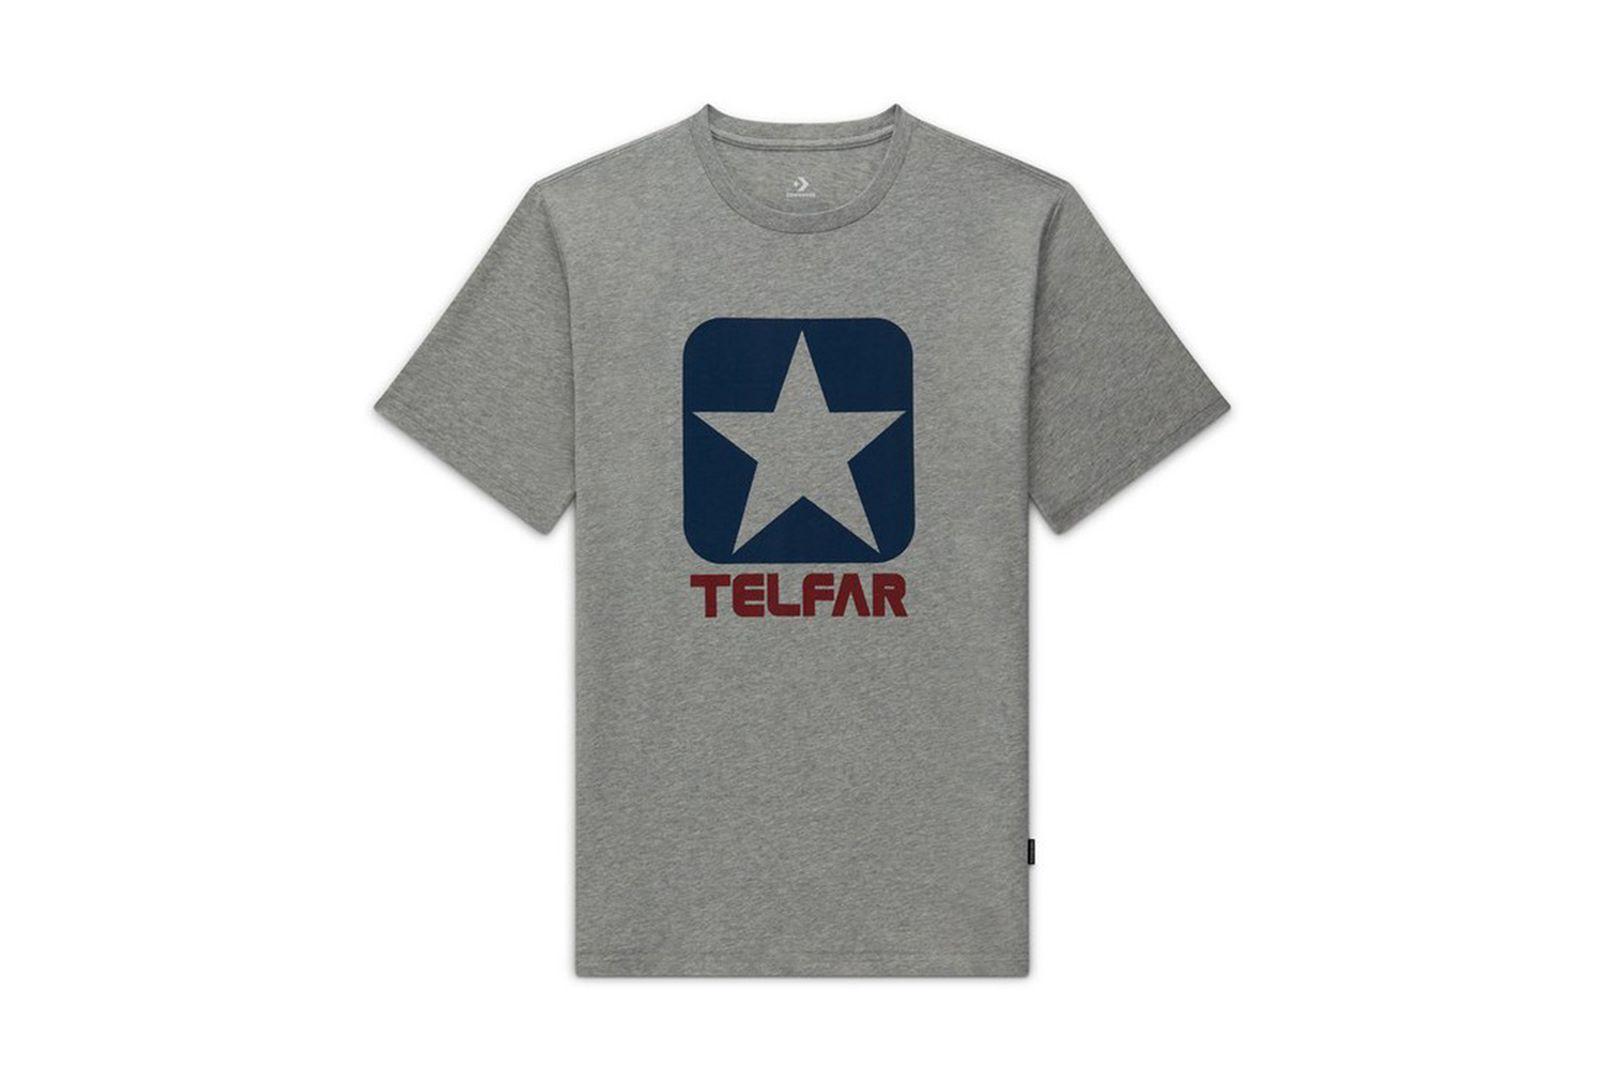 telfar-converse-pro-leather-release-date-price-05